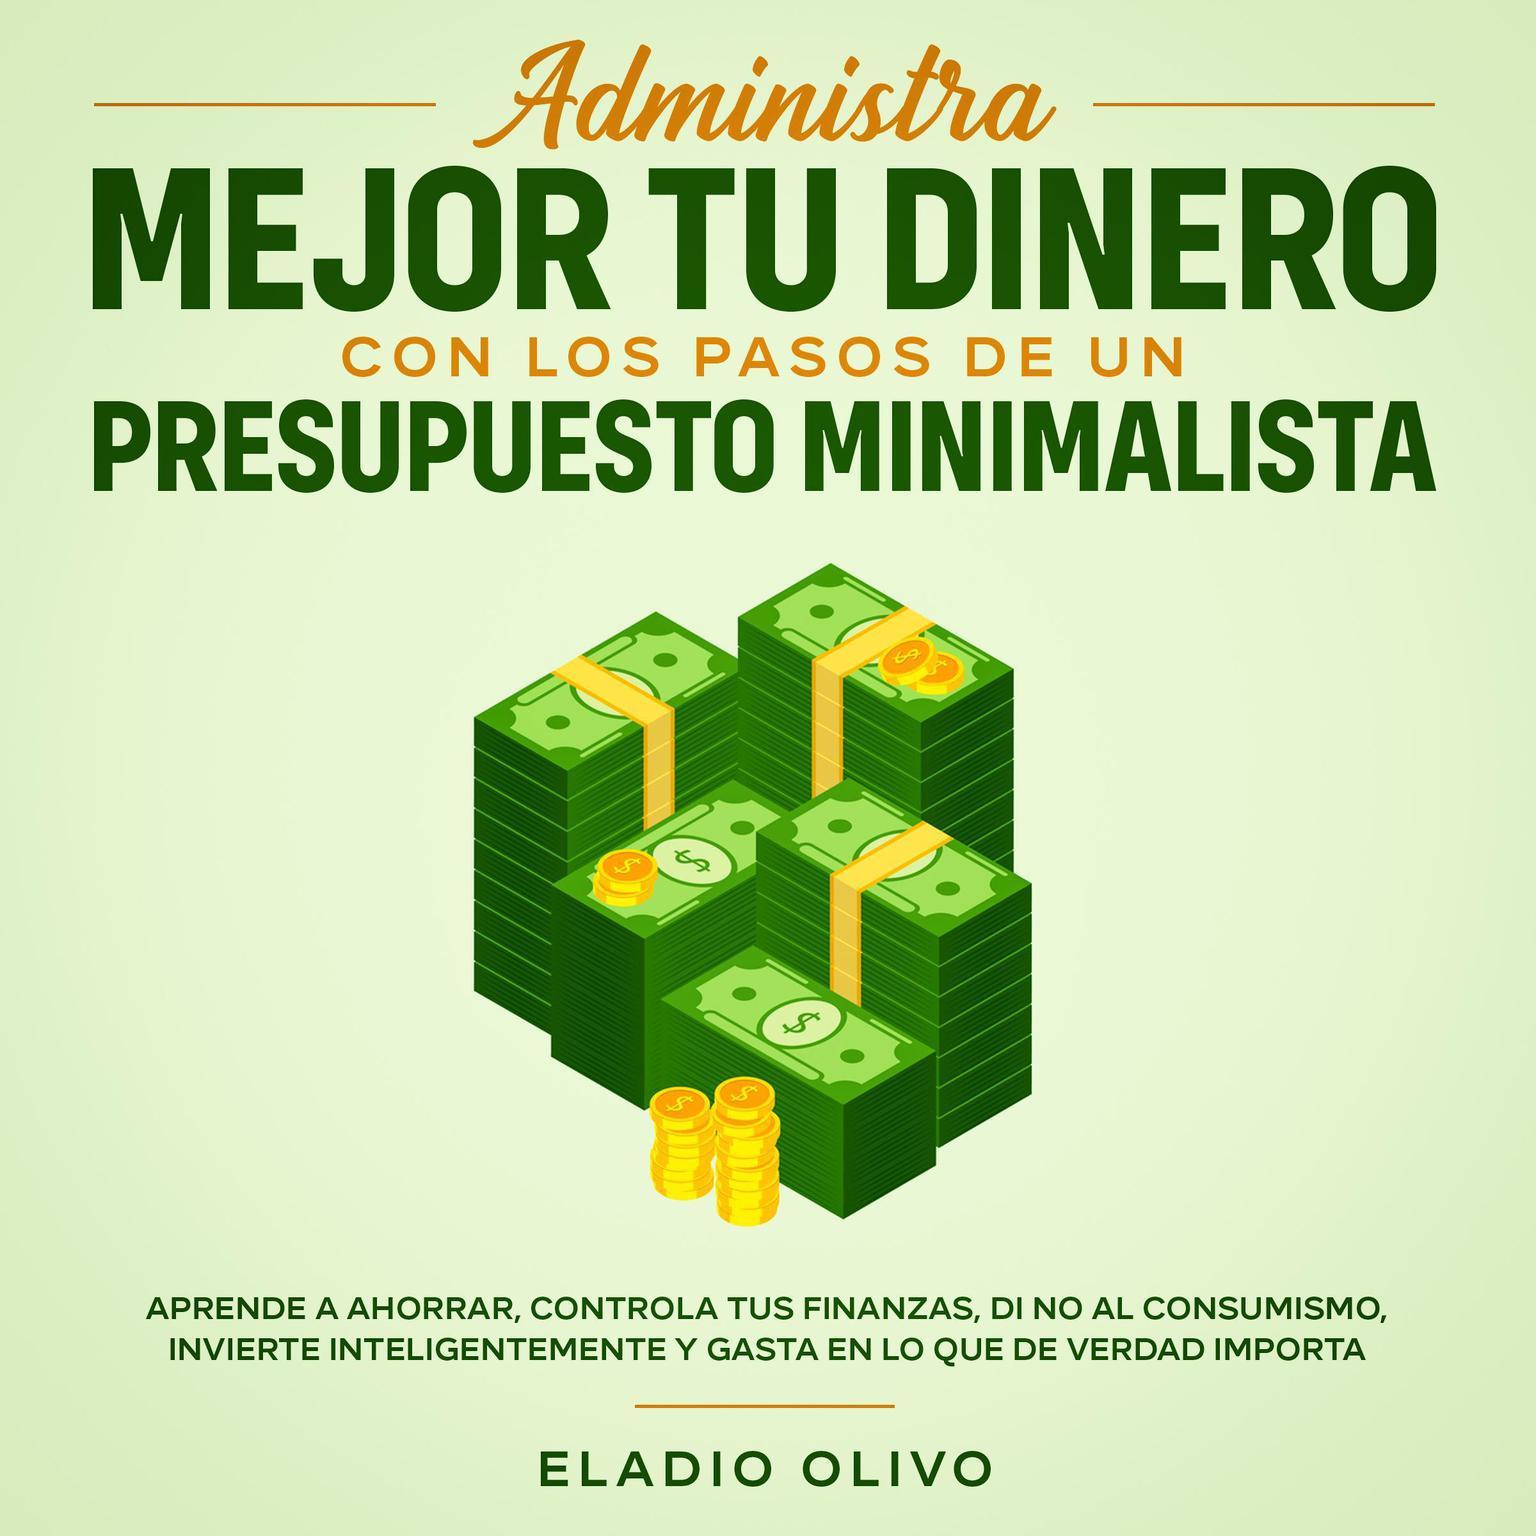 Administra mejor tu dinero con los pasos de un presupuesto minimalista Aprende a ahorrar, controla tus finanzas, di no al consumismo, invierte inteligentemente y gasta en lo que de verdad importa Audiobook, by Eladio Olivo